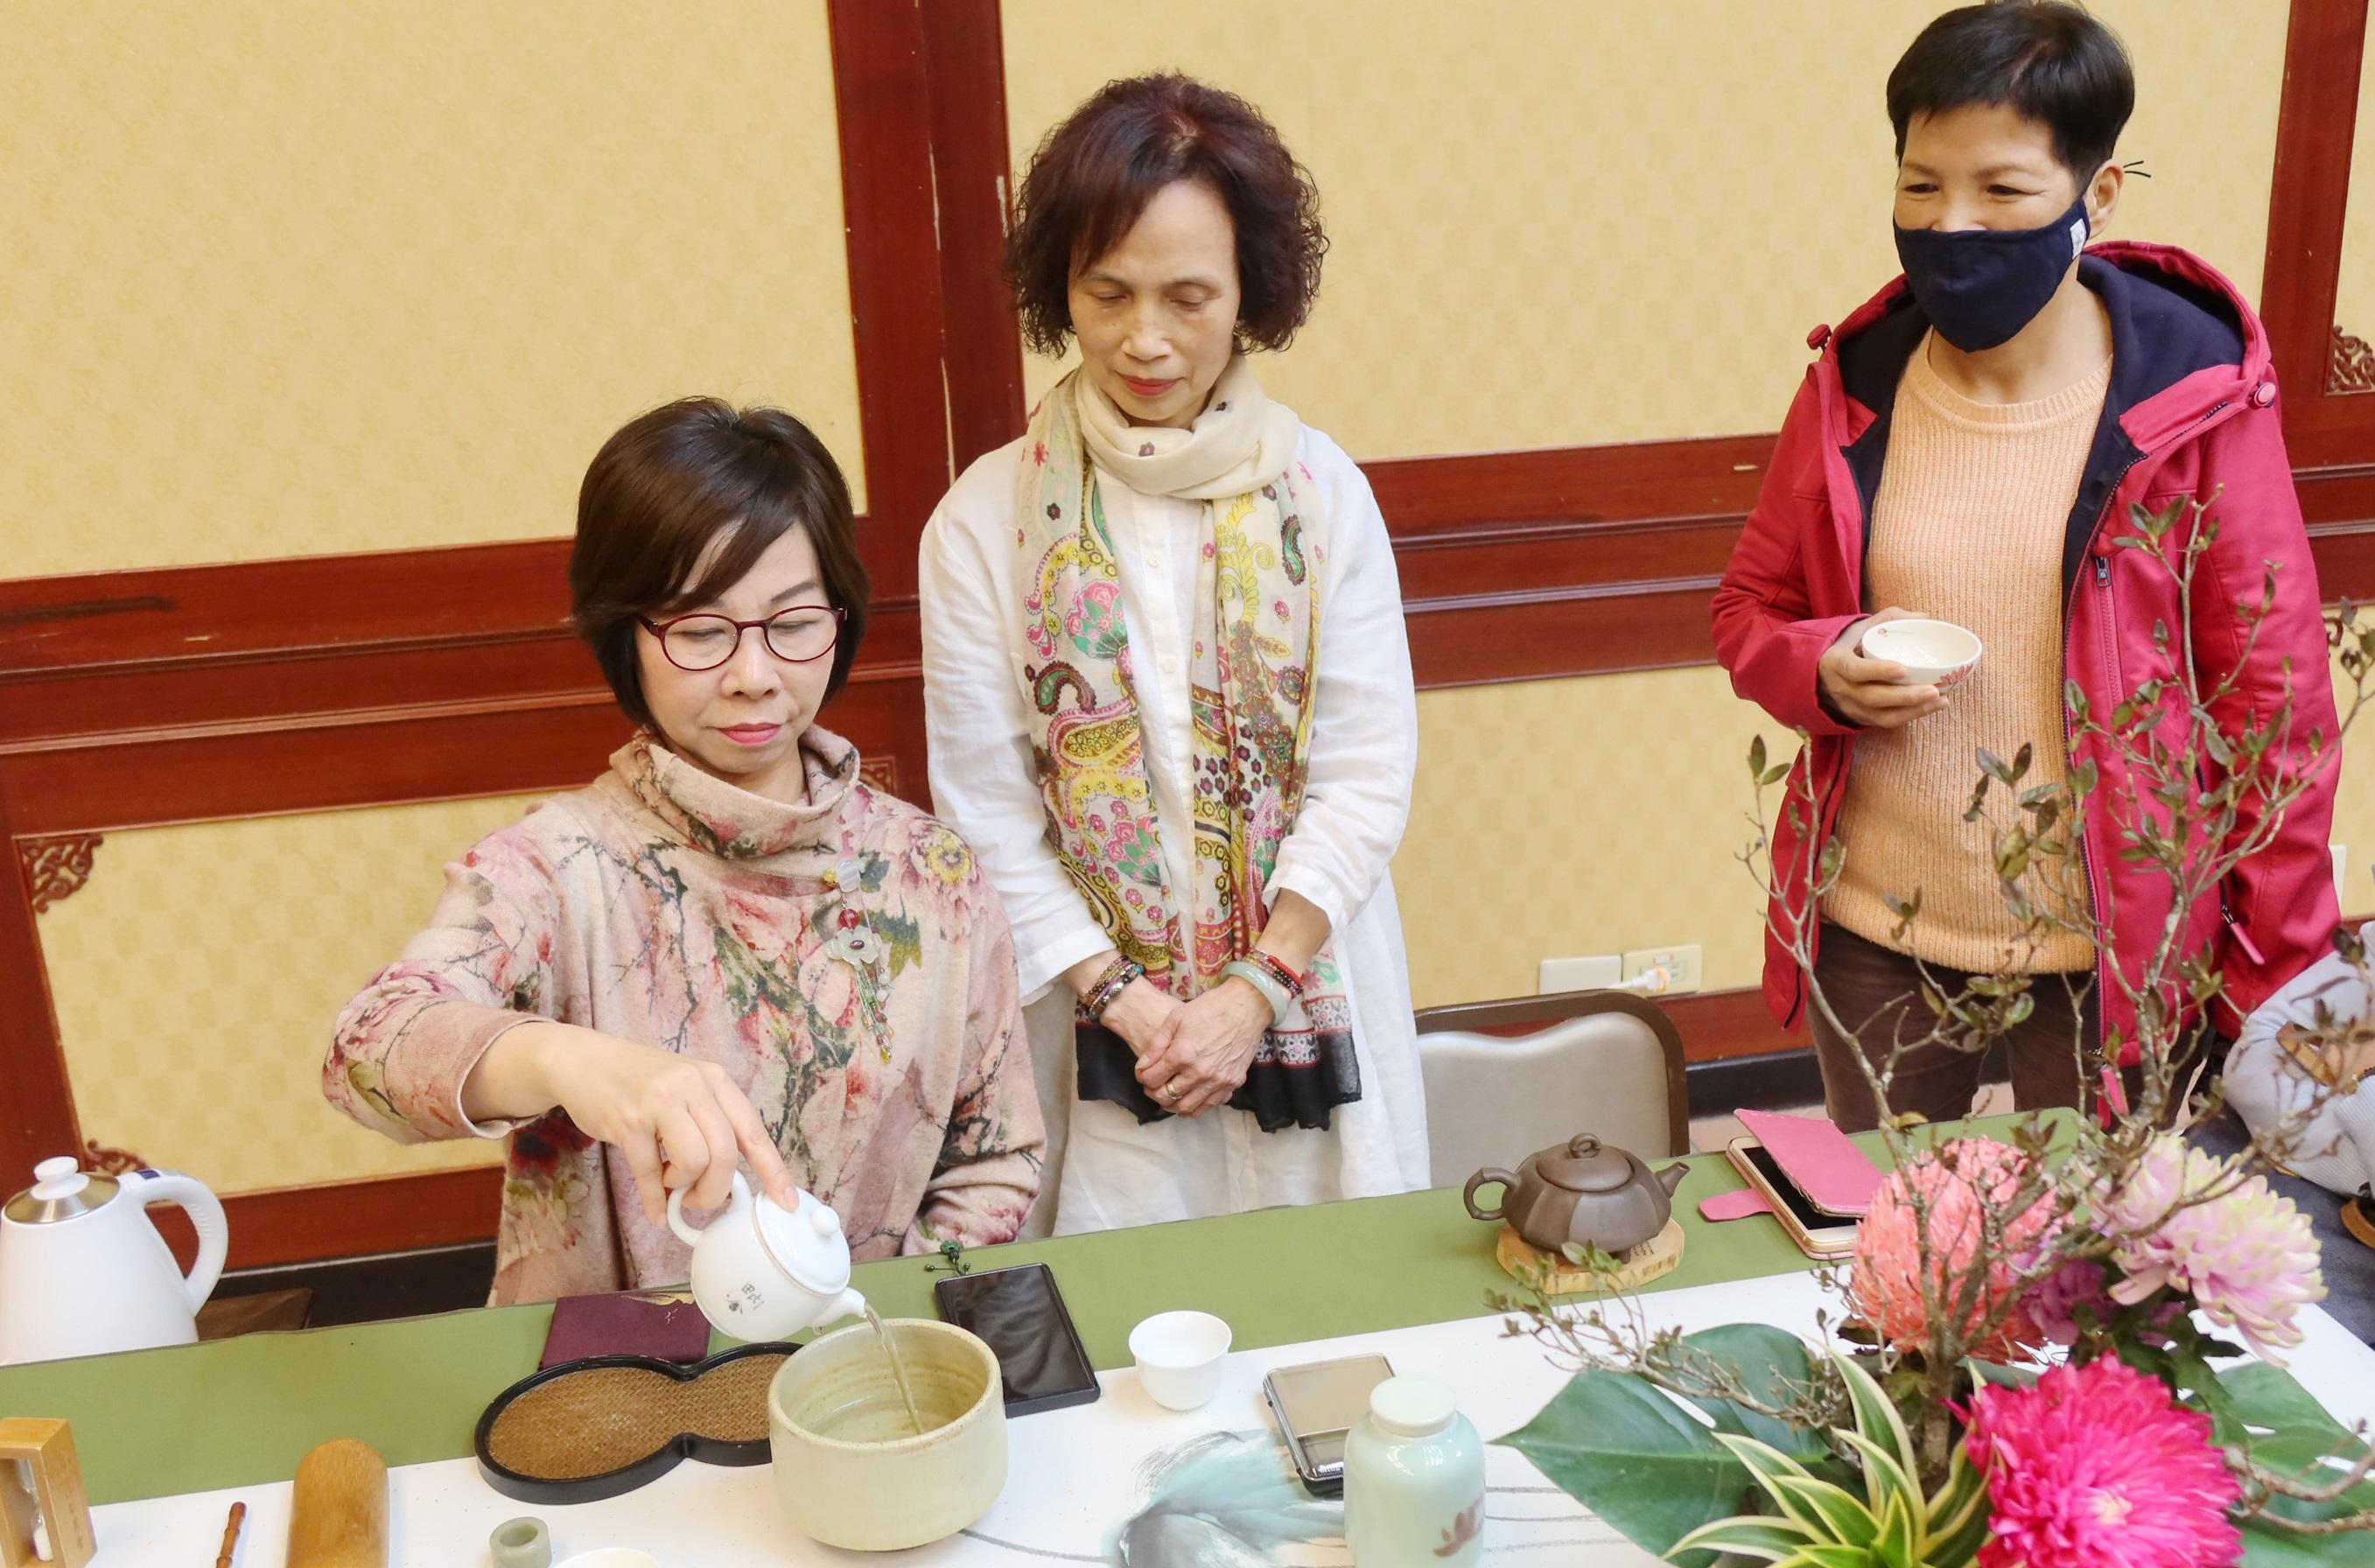 極樂寺節氣養生講座 種子茶人獻茶藝展成果